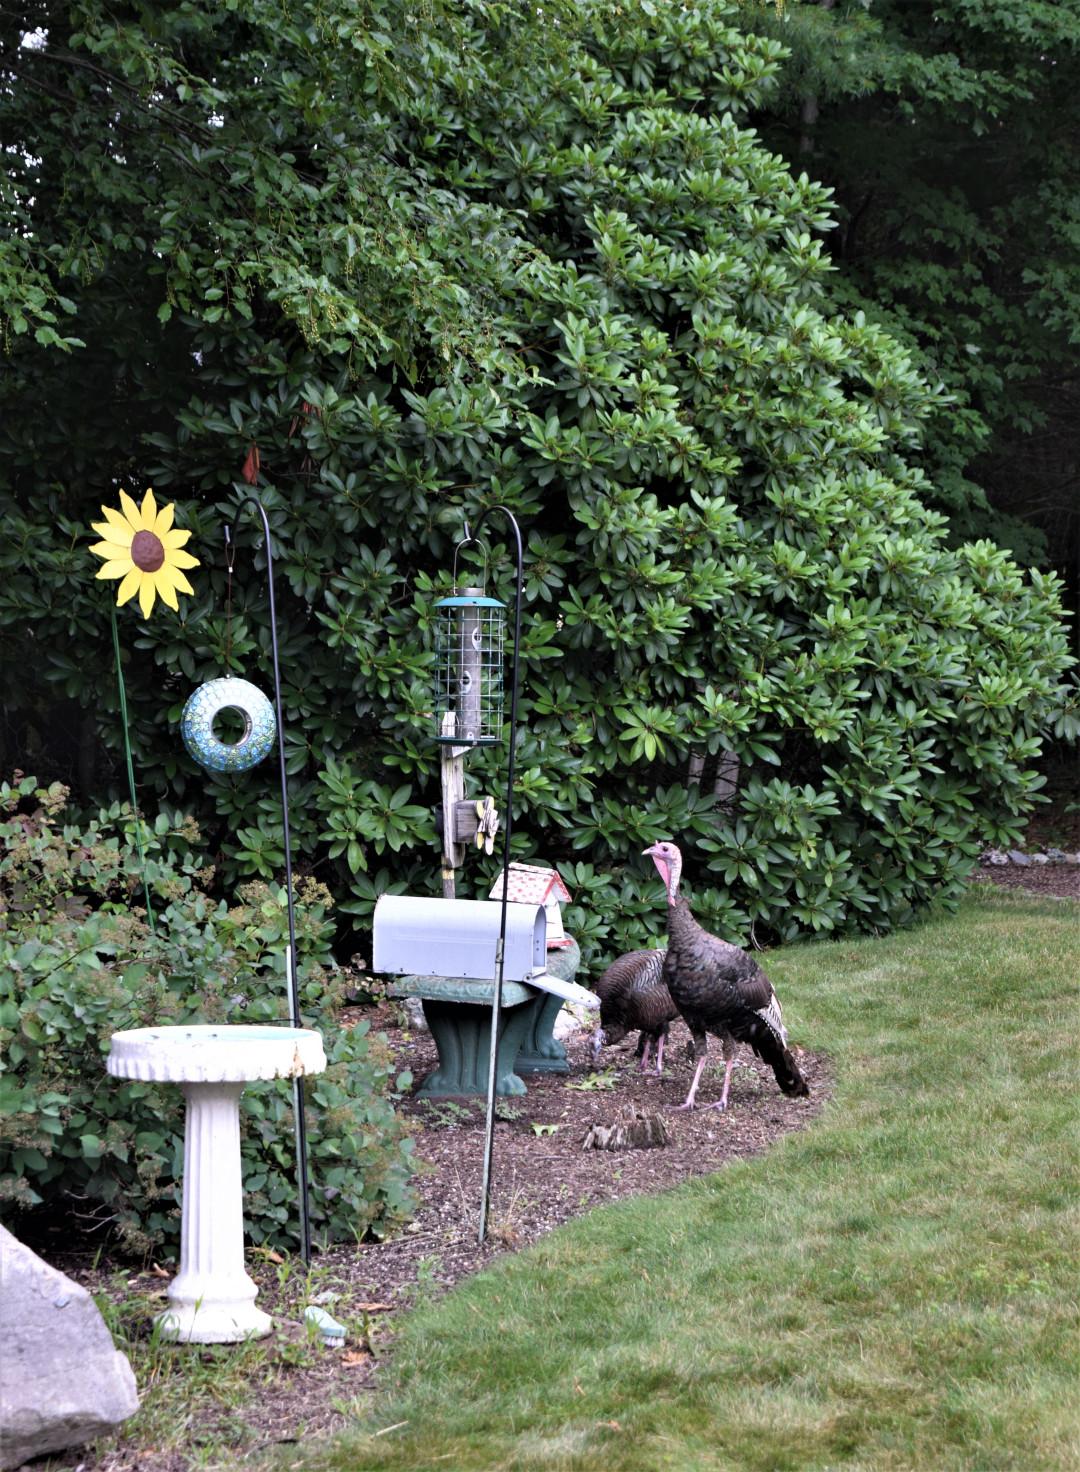 Wild turkeys in a garden